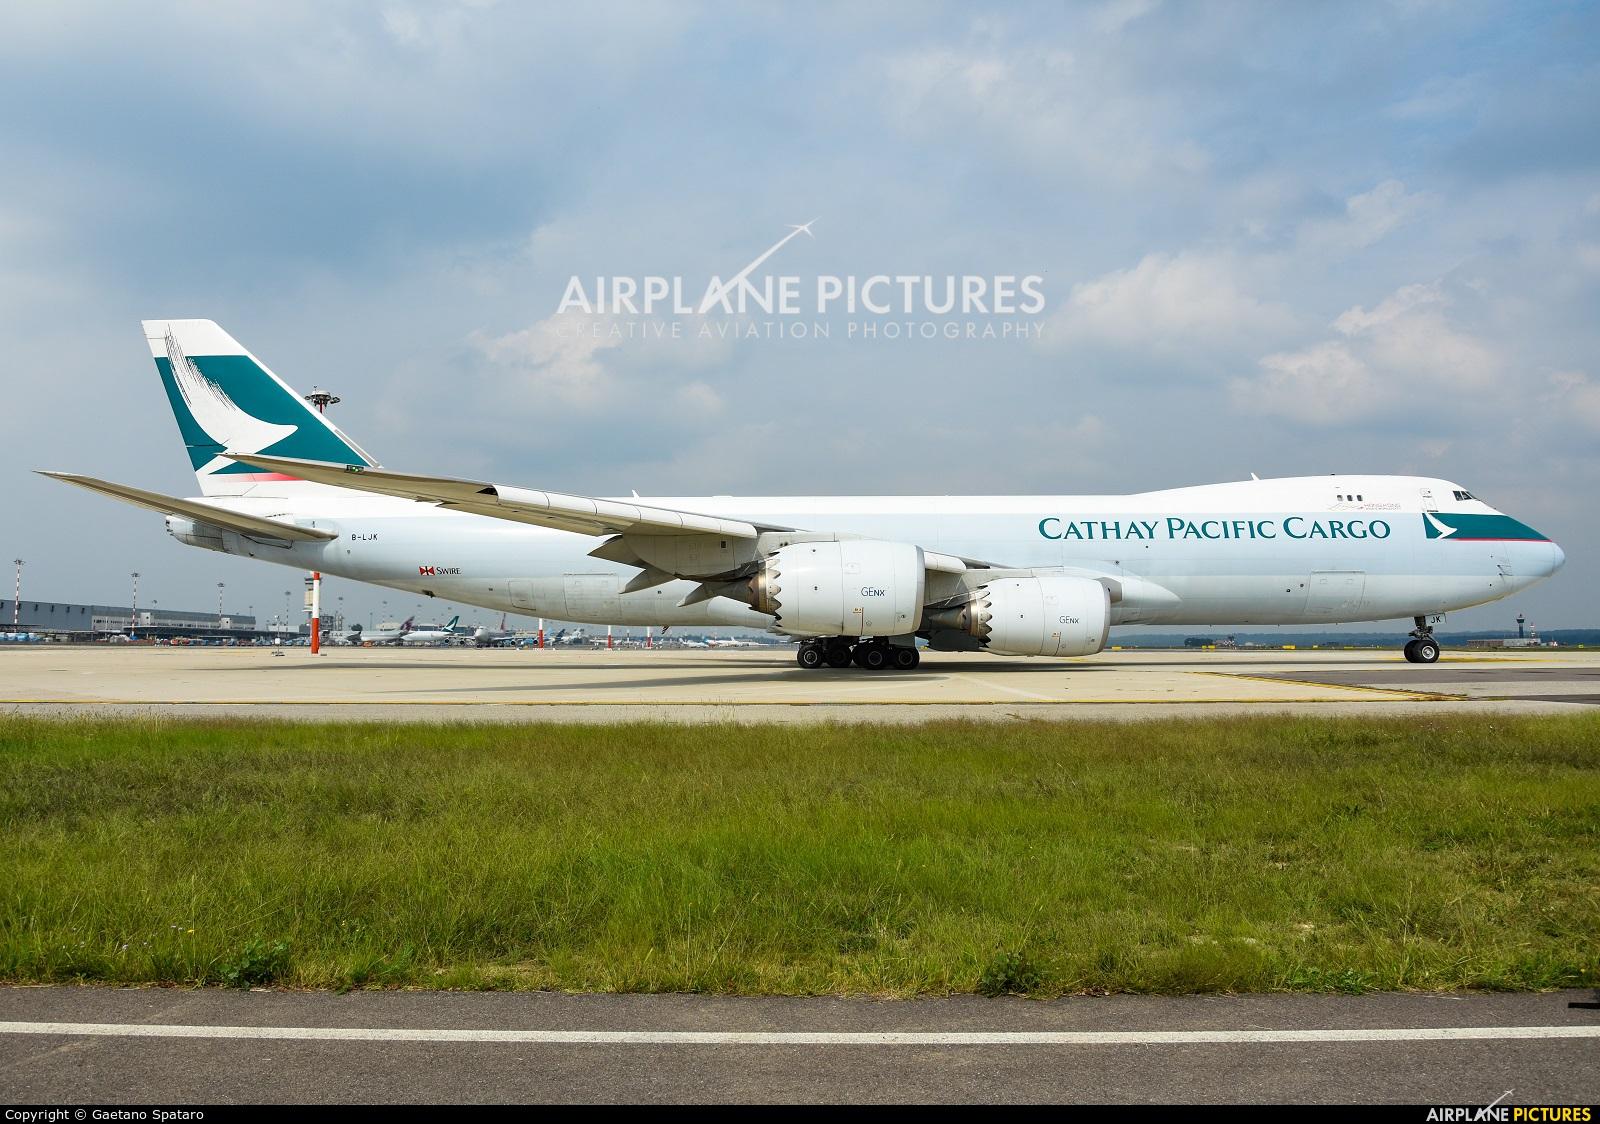 Cathay Pacific Cargo B-LJK aircraft at Milan - Malpensa